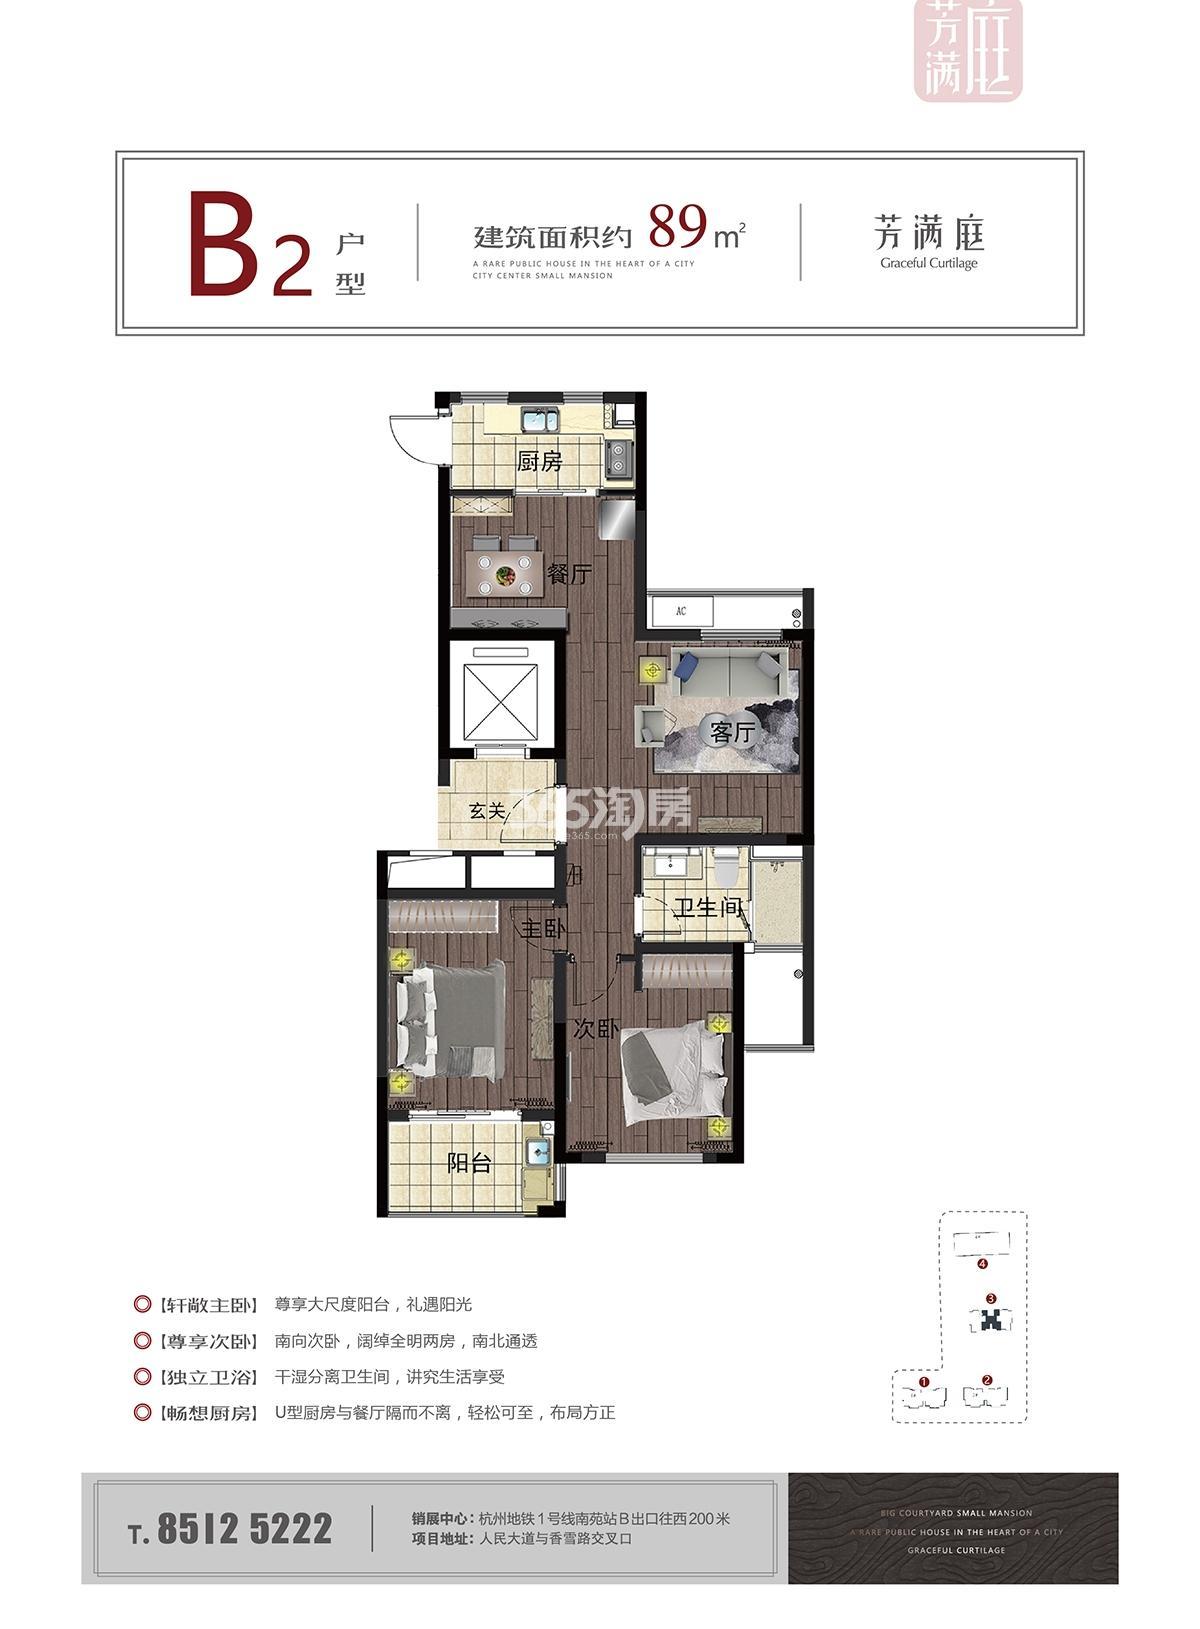 临平芳满庭3号楼B2户型89方中间套